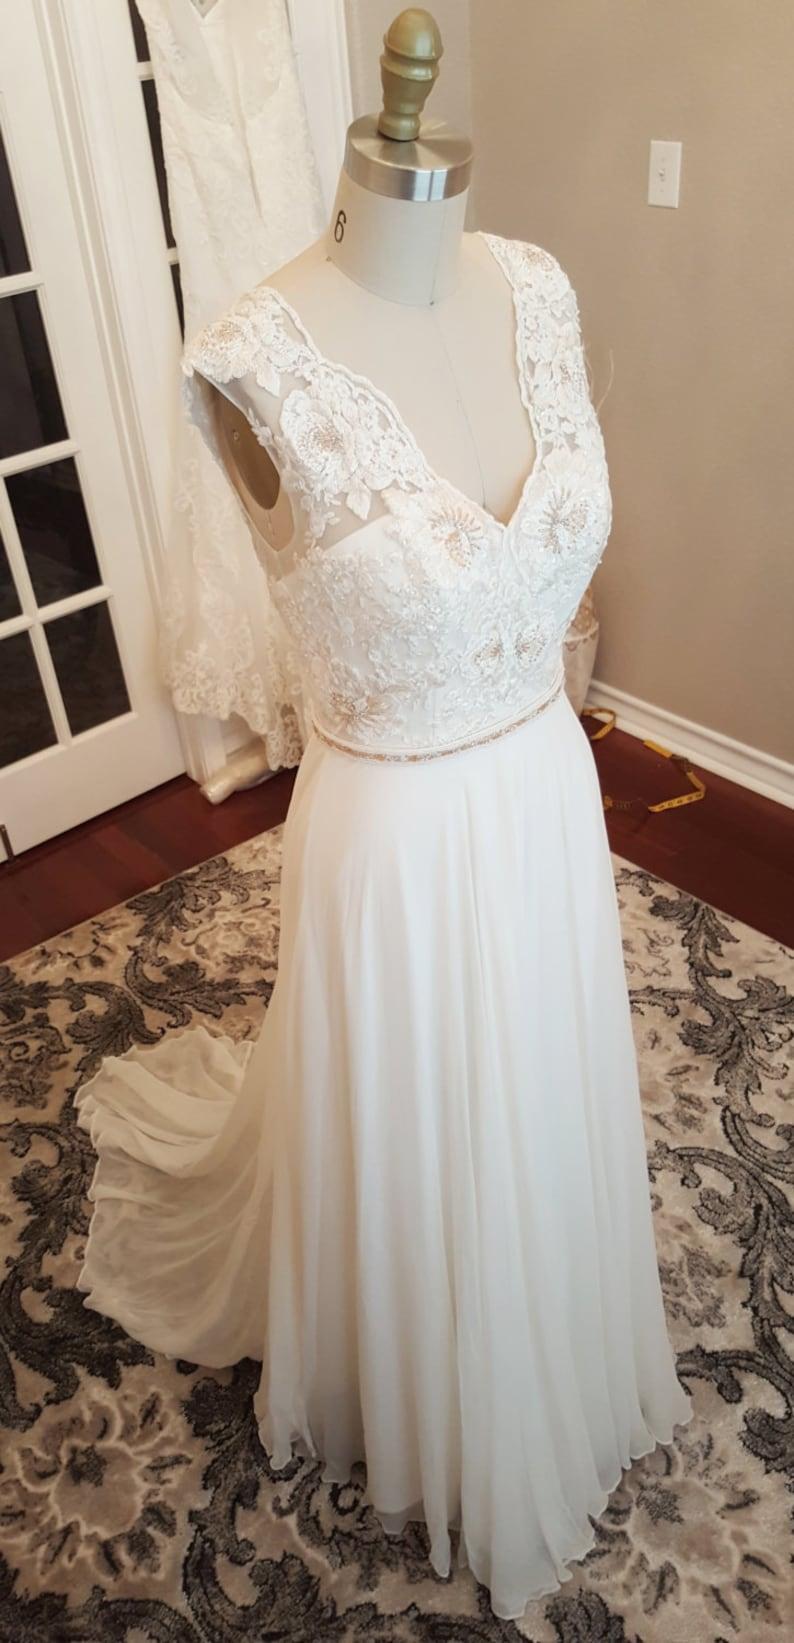 Image 0: Gold Applique Wedding Dress At Reisefeber.org